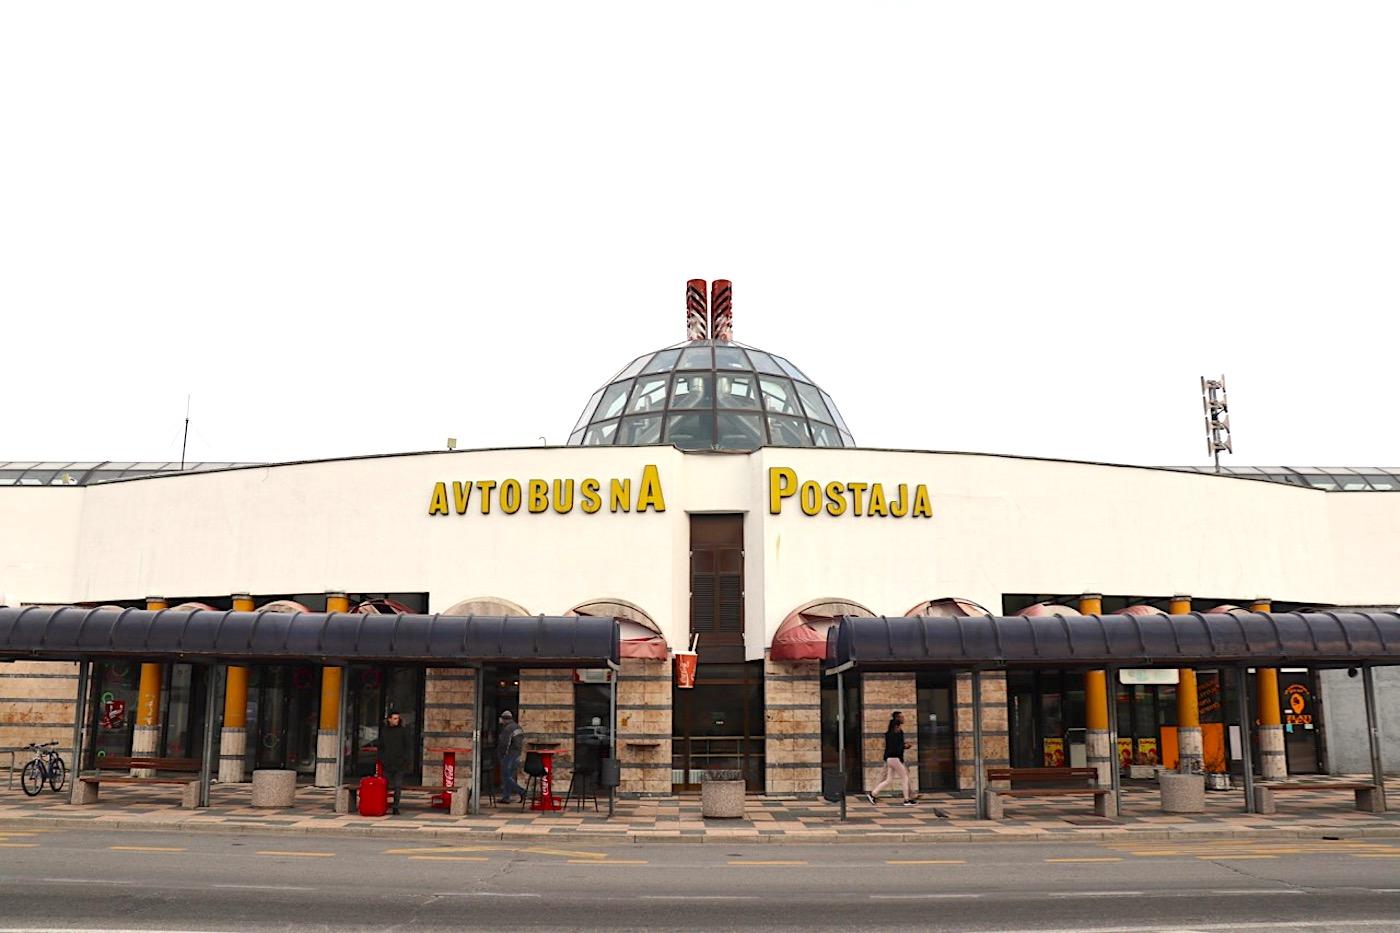 Autobusbahnhof. von Borut Pečenko und Ivo Goropevšek.